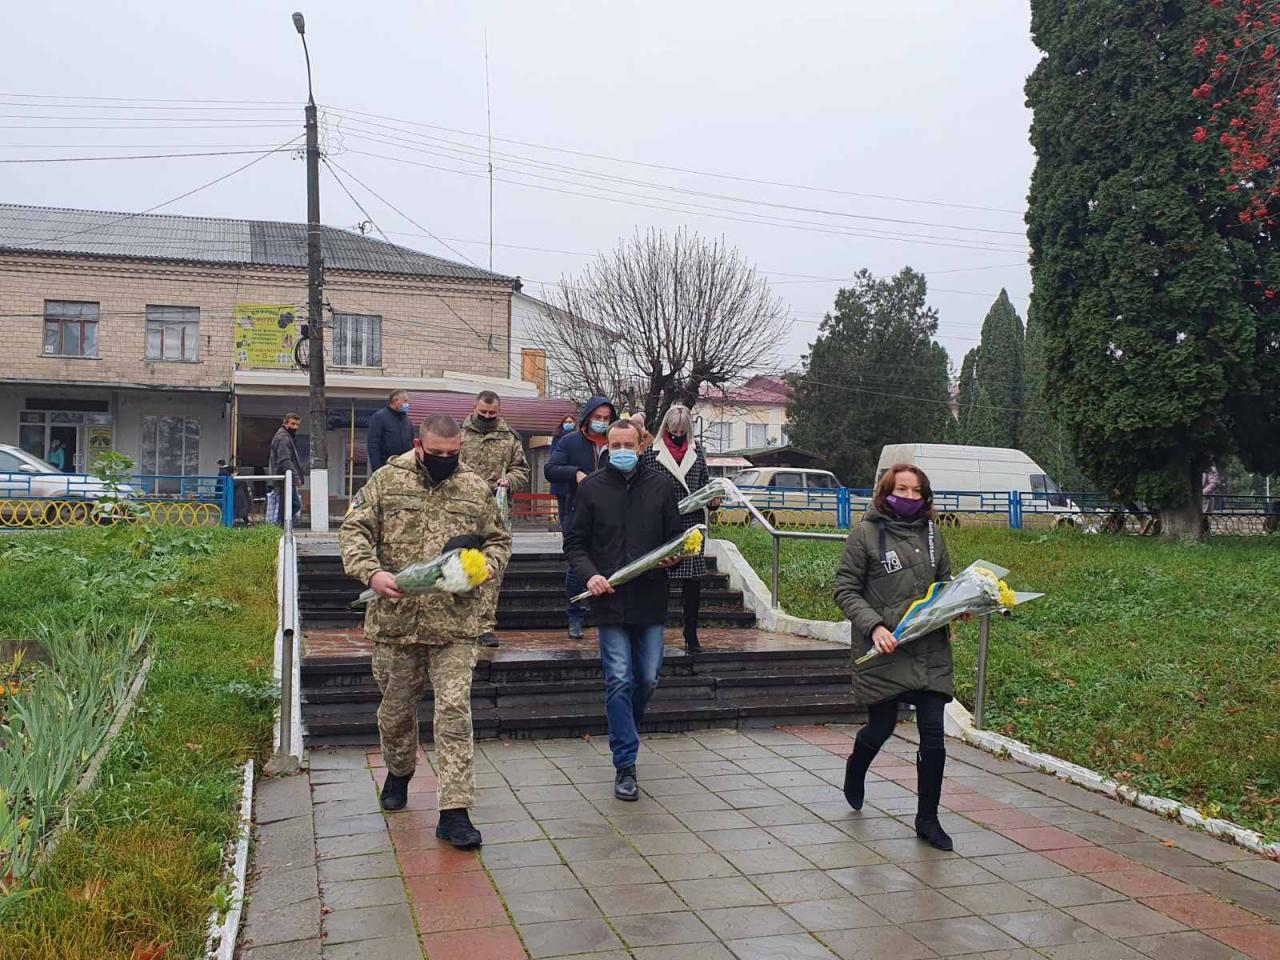 http://dunrada.gov.ua/uploadfile/archive_news/2020/11/20/2020-11-20_4933/images/images-8577.jpg